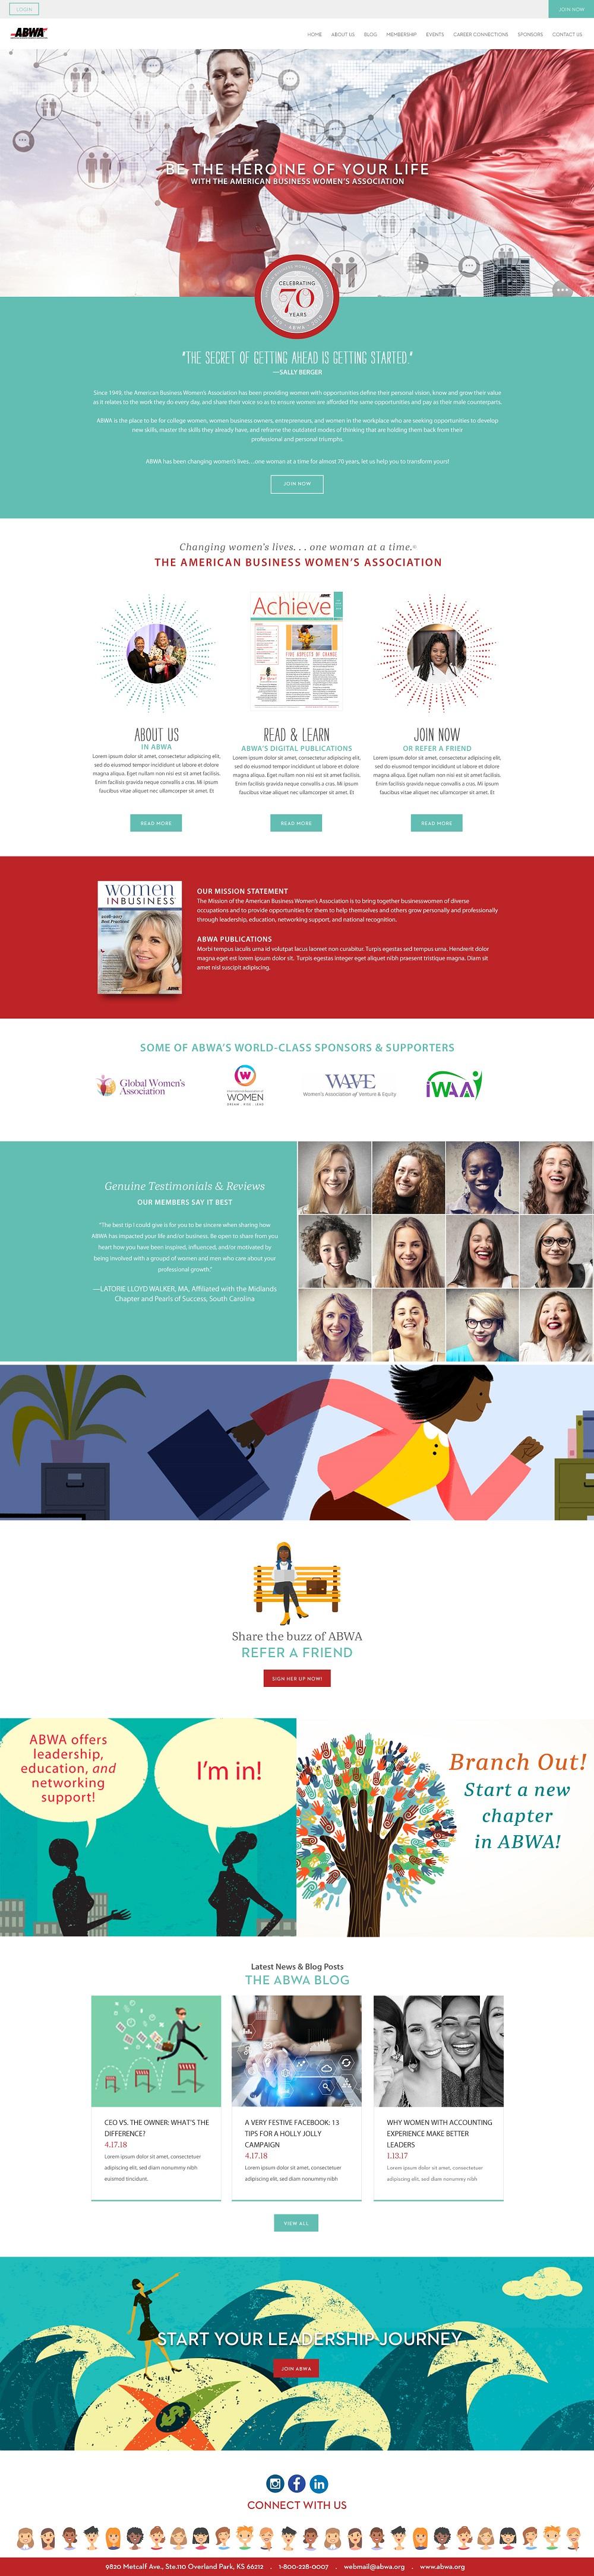 american business womens association